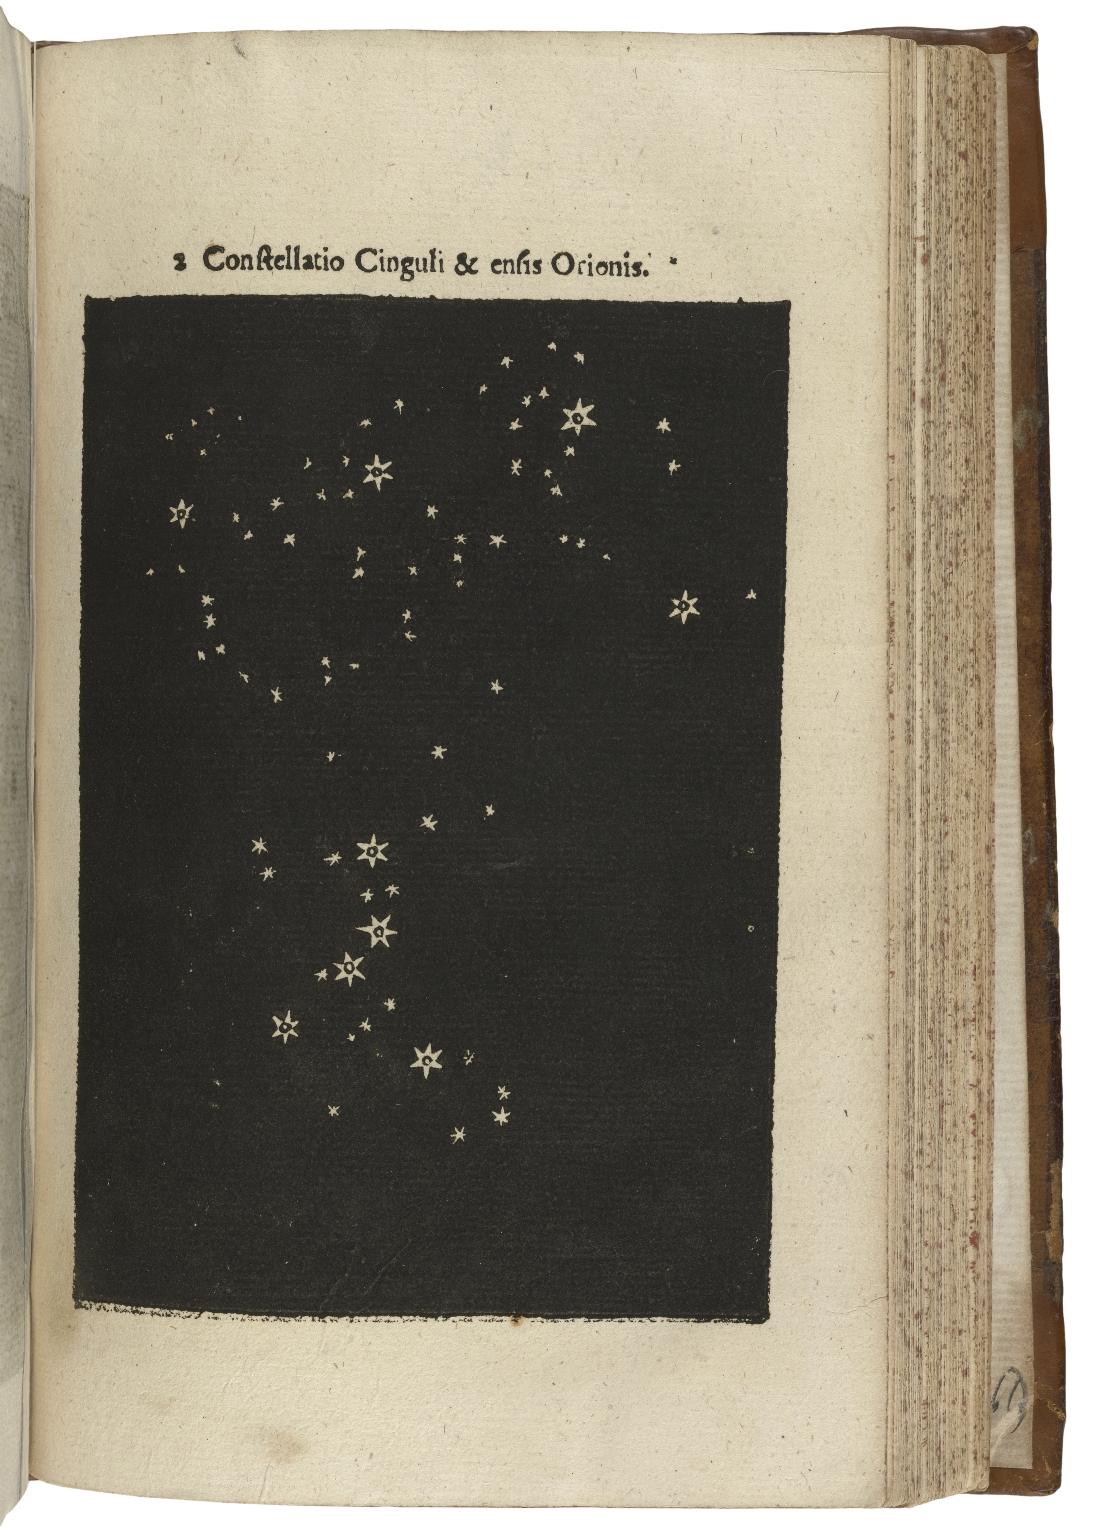 [Institutio astronomica] Petri Gassendi institutio astronomica juxta hypotheses tam veterum quàm recentiorum : cui accesserunt Galilei Galilei nuntius sidereus et Johannis Kepleri dioptrice.